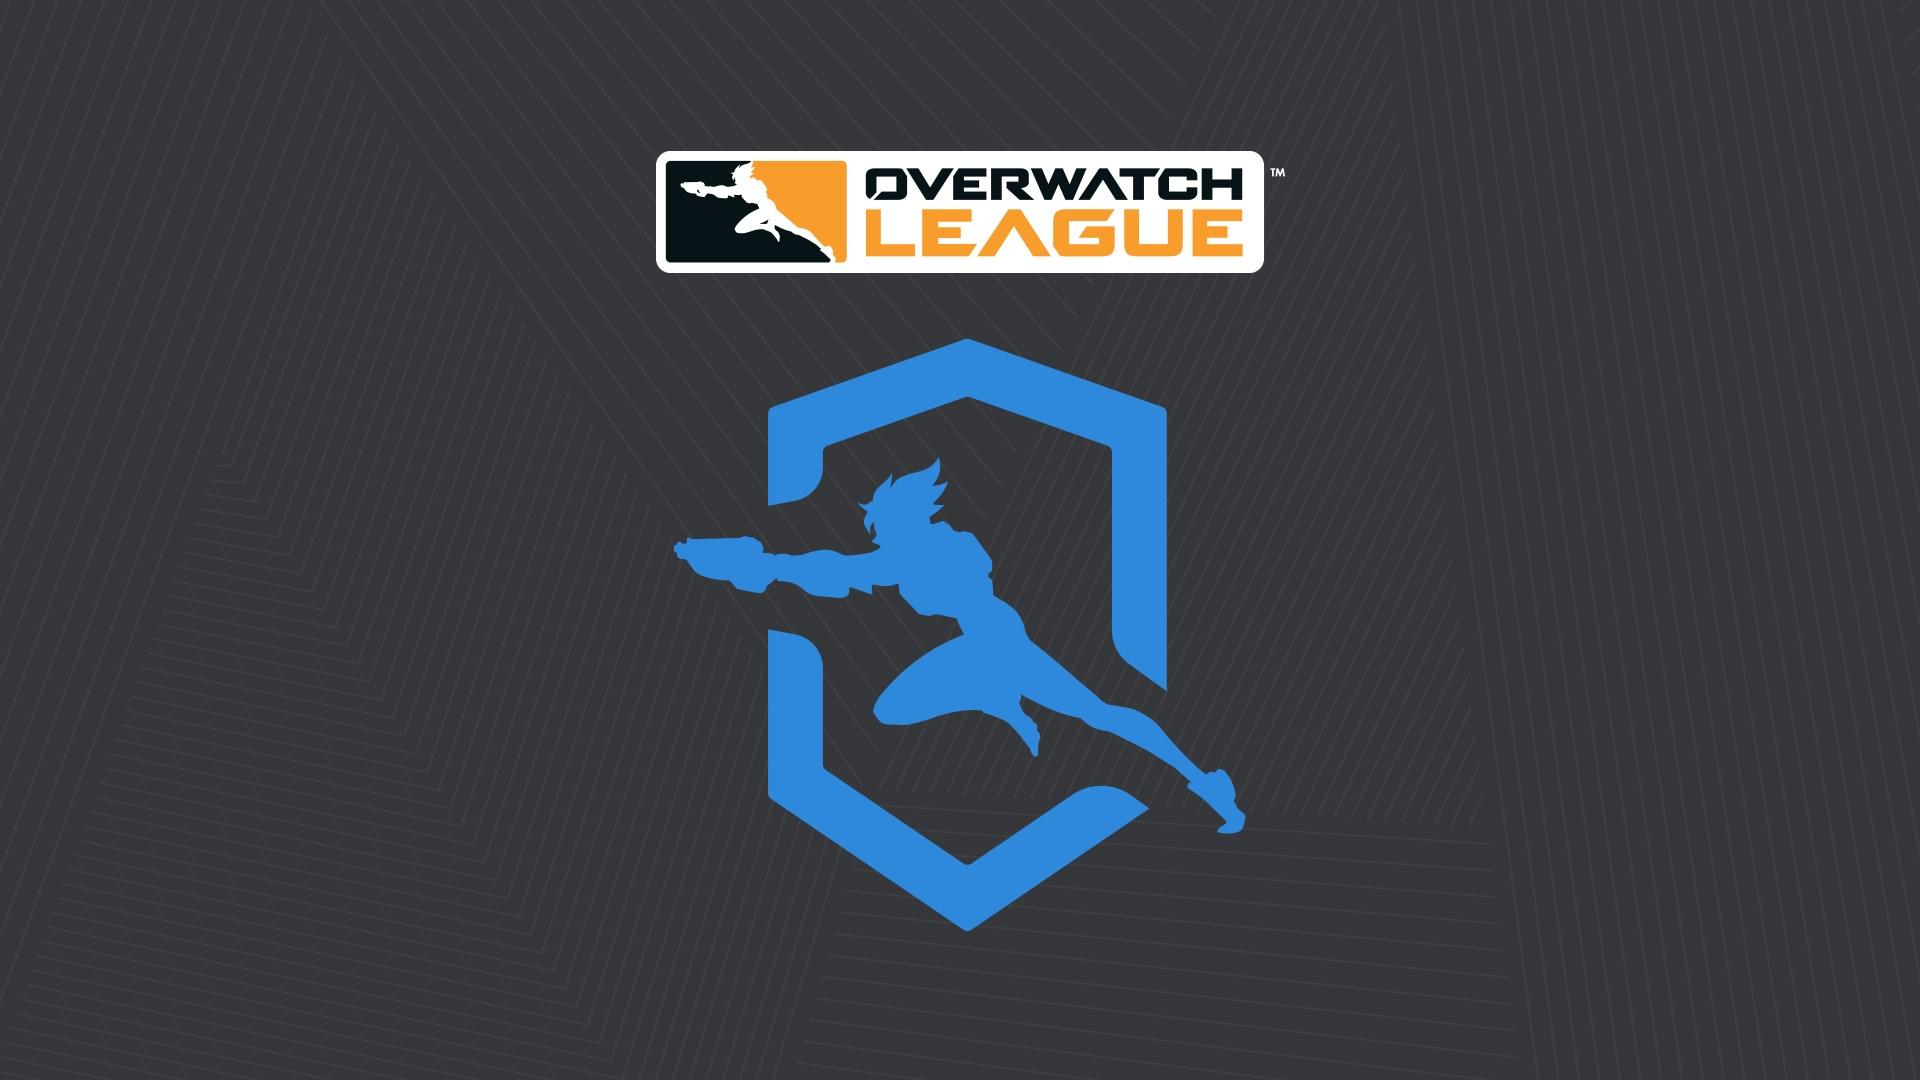 Liga Overwatch™ - 200 Fichas de Liga